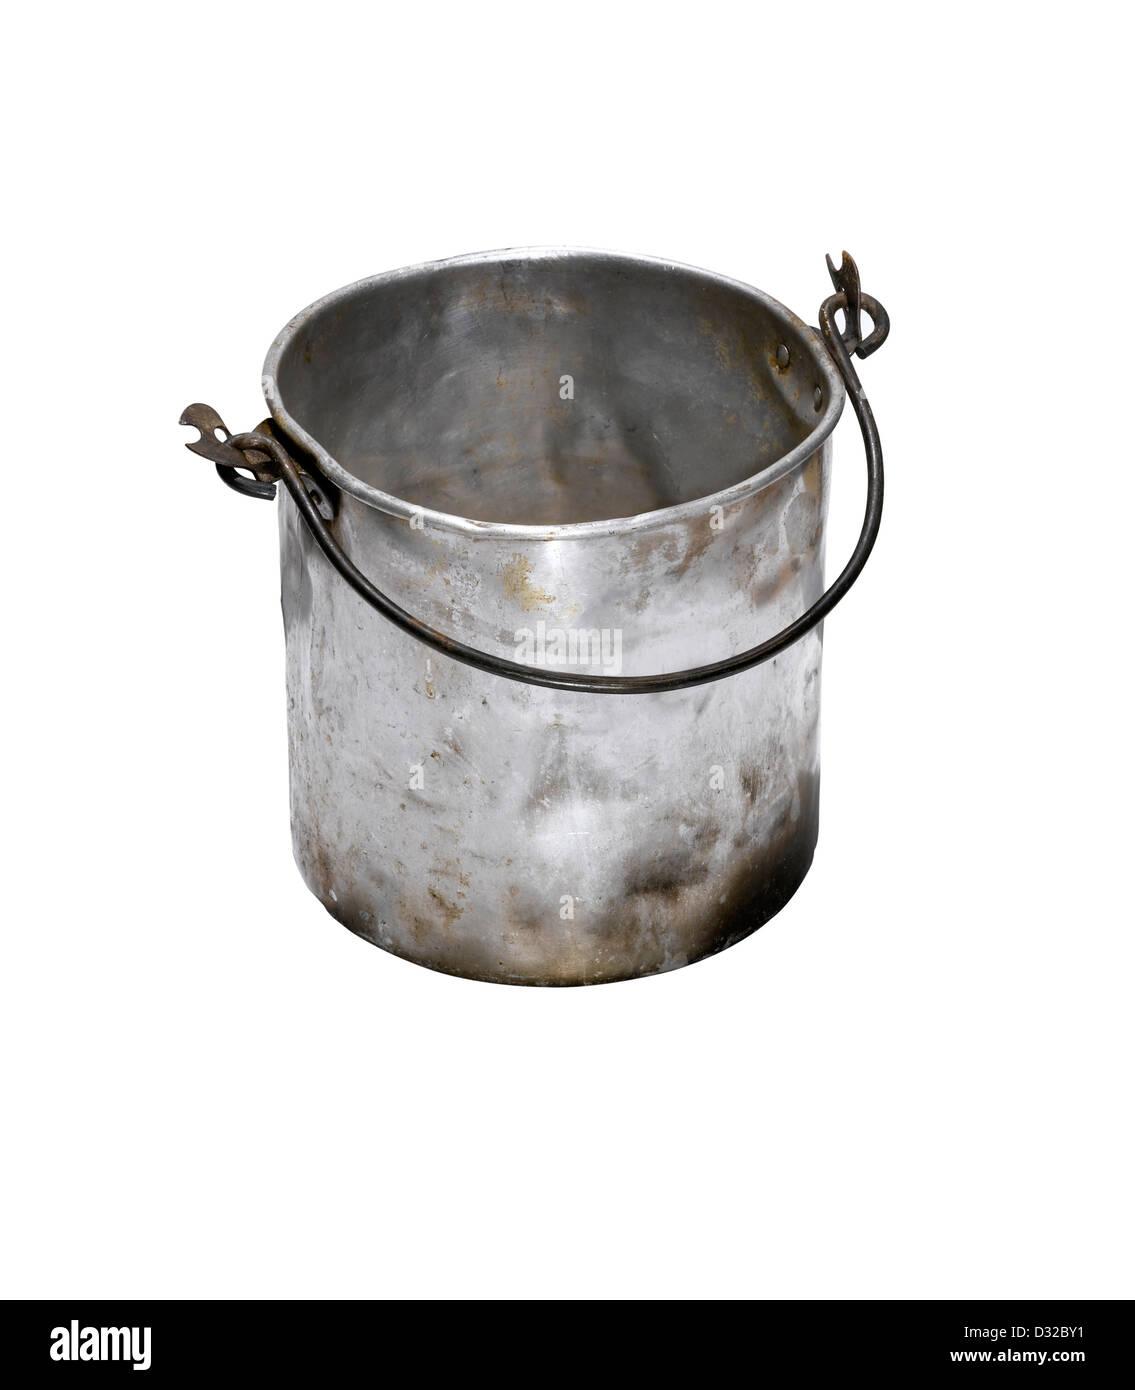 Un vecchio martoriata cucchiaio d'argento con la maniglia verso il basso Immagini Stock